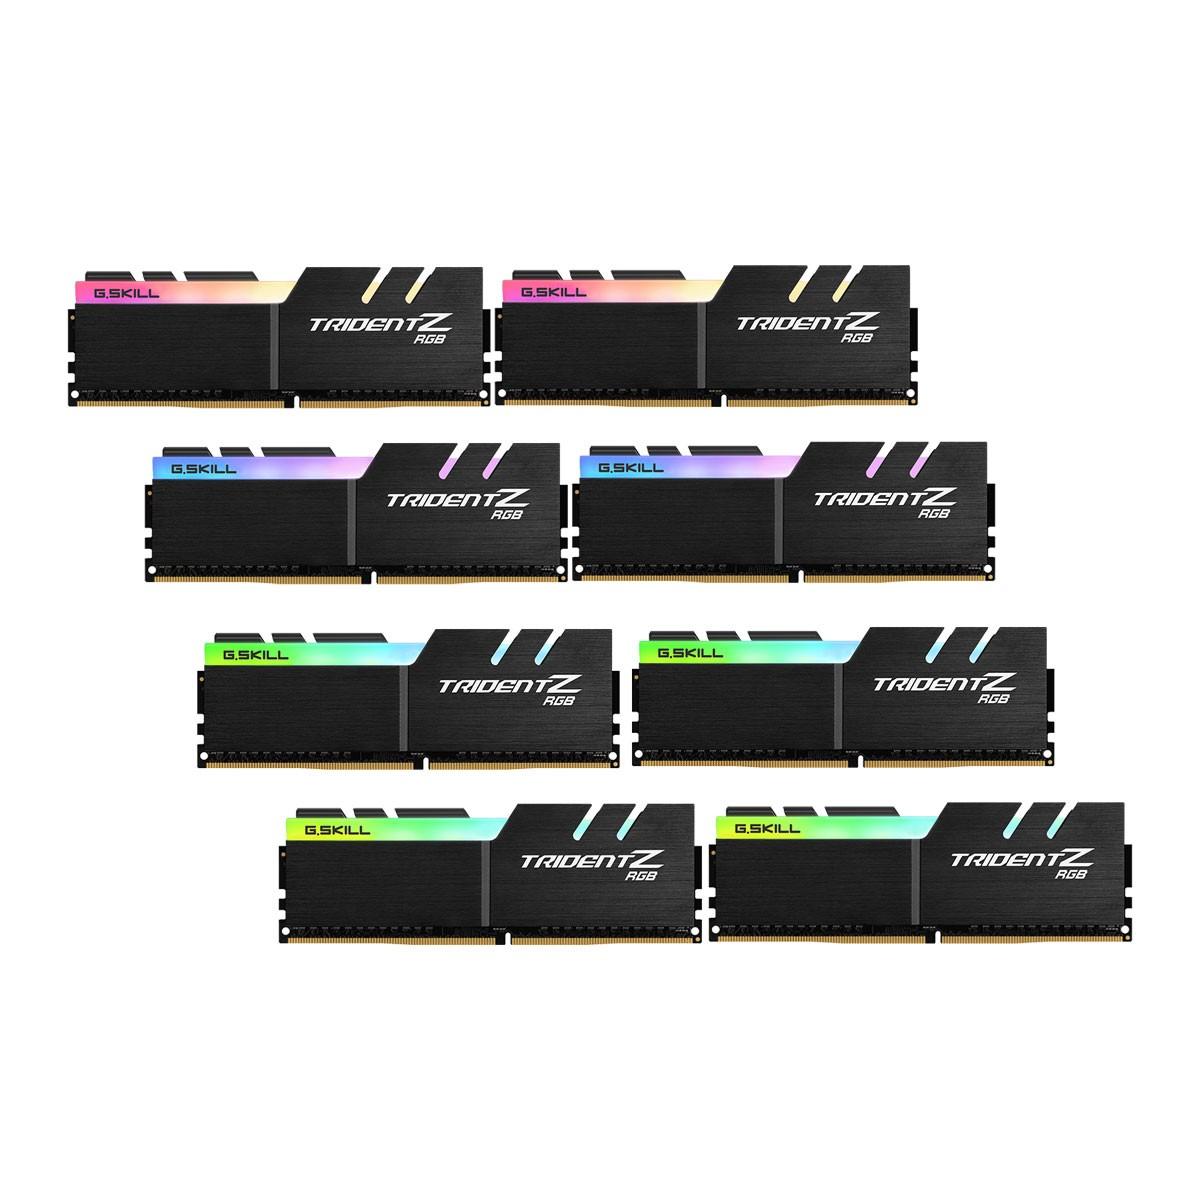 DDR4 64GB (8x8GB), DDR4 4000, CL18, DIMM 288-pin, G.Skill Trident Z RGB F4-4000C18Q2-64GTZR, 36mj